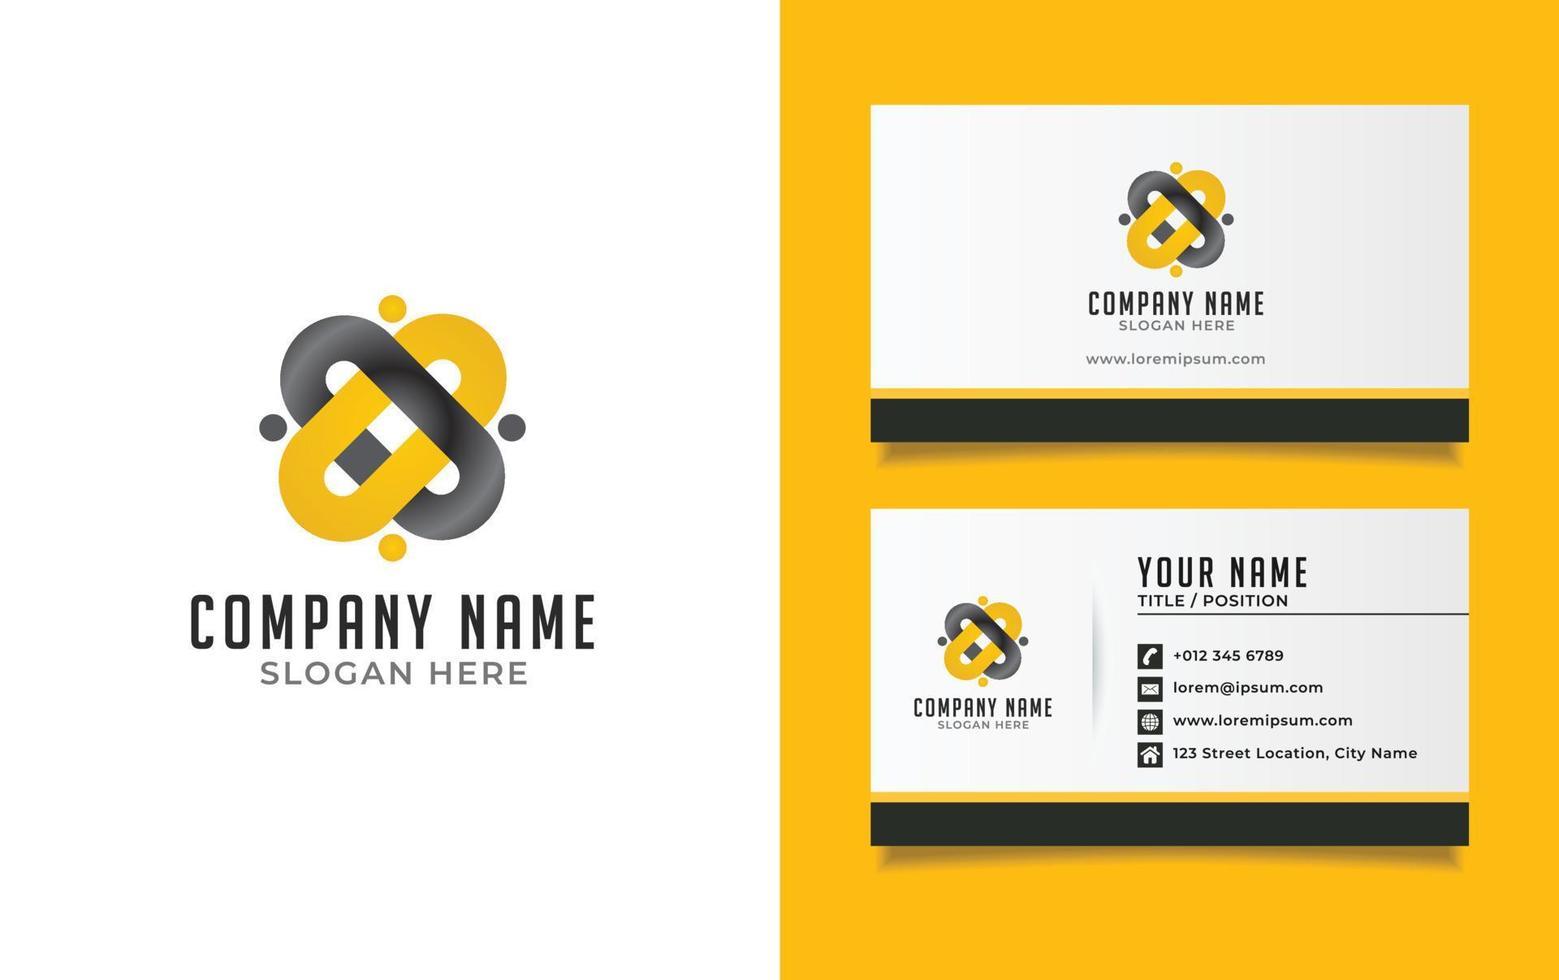 carta de logotipo x conceito de logotipo de trabalho em equipe, redes sociais, tecnologia e digital. vetor eps 10.